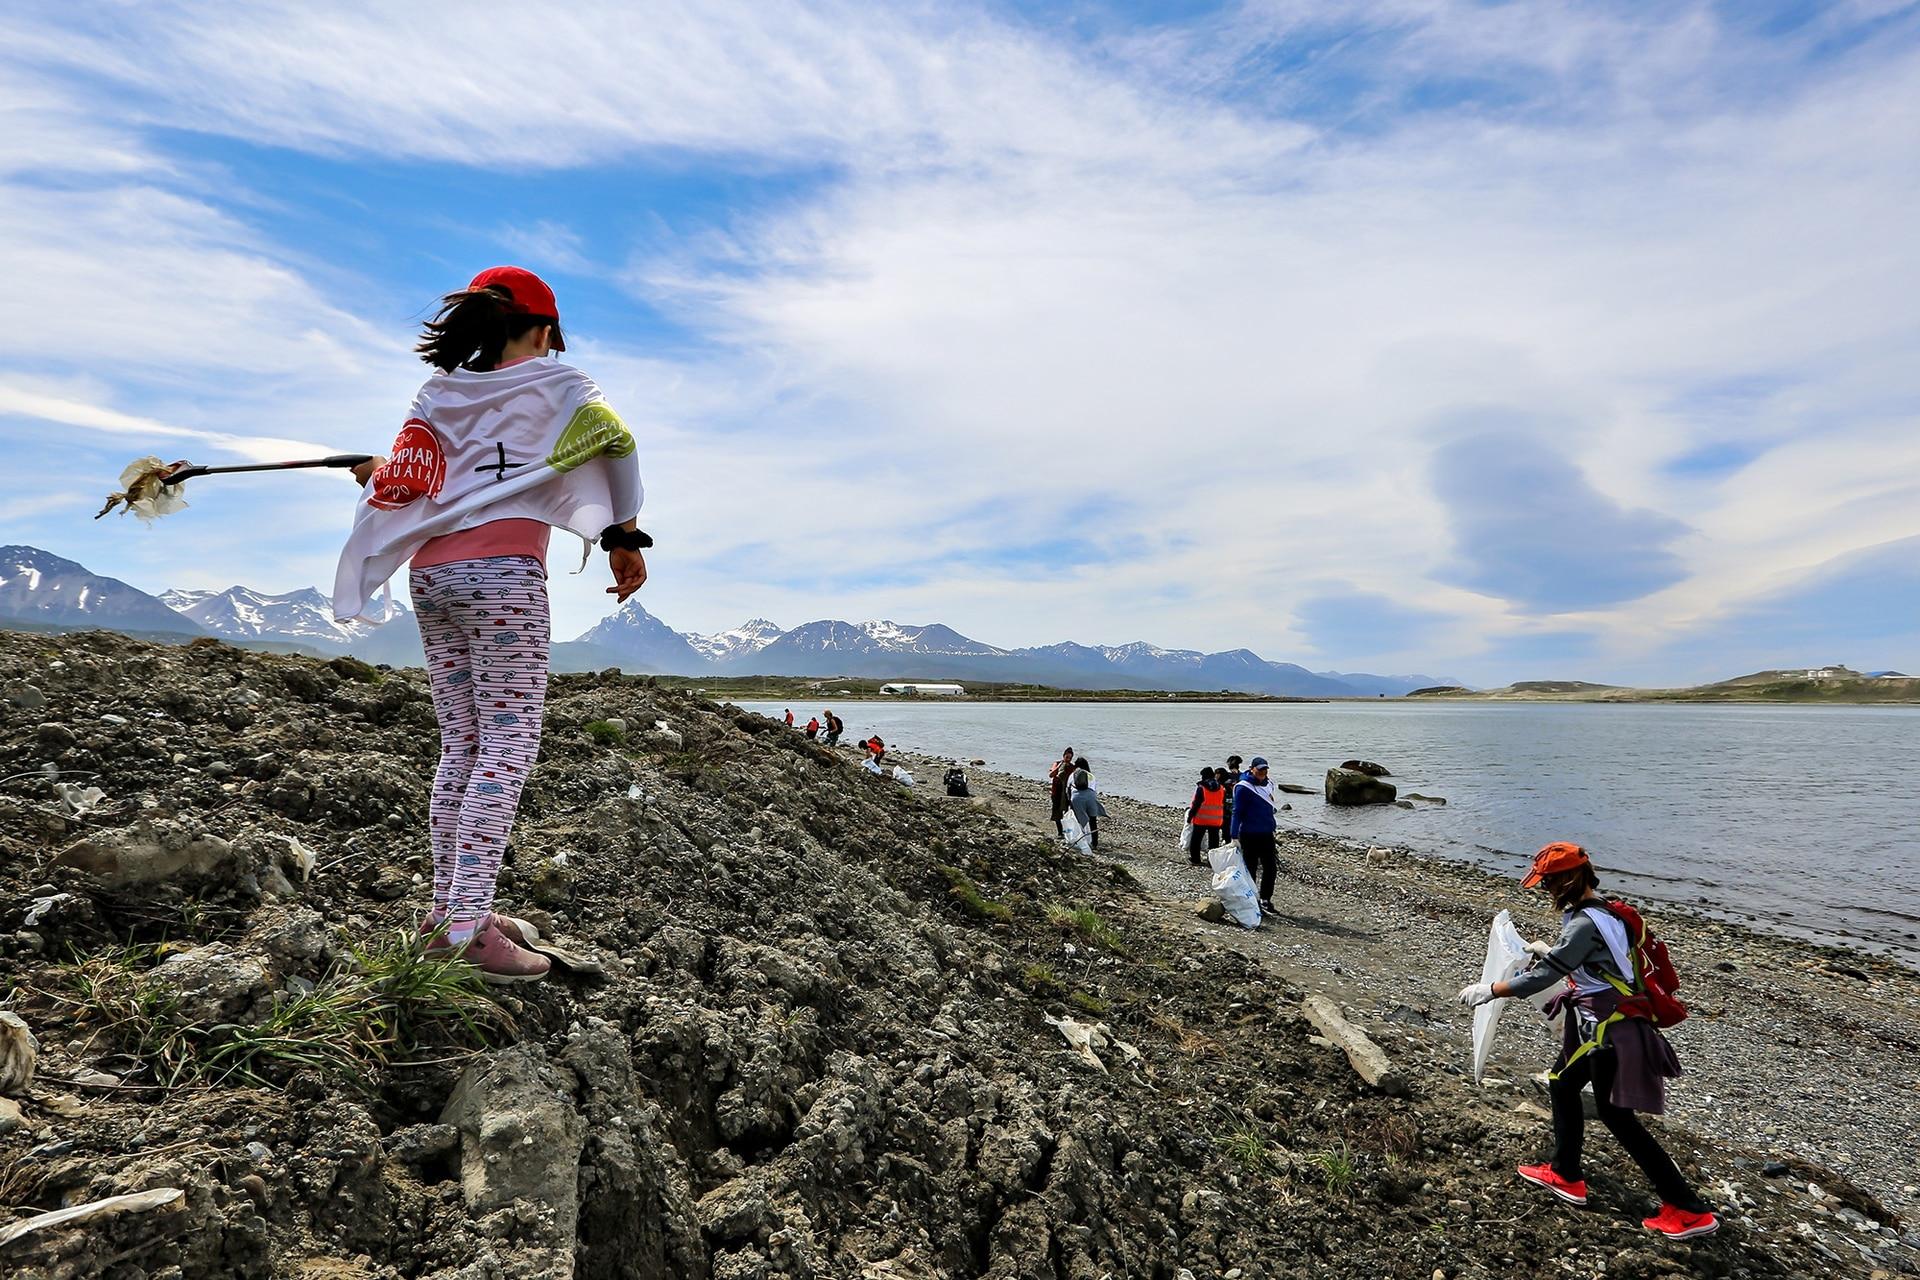 Voluntarias recolectan plásticos y otros residuos en una playa de Tierra del Fuego